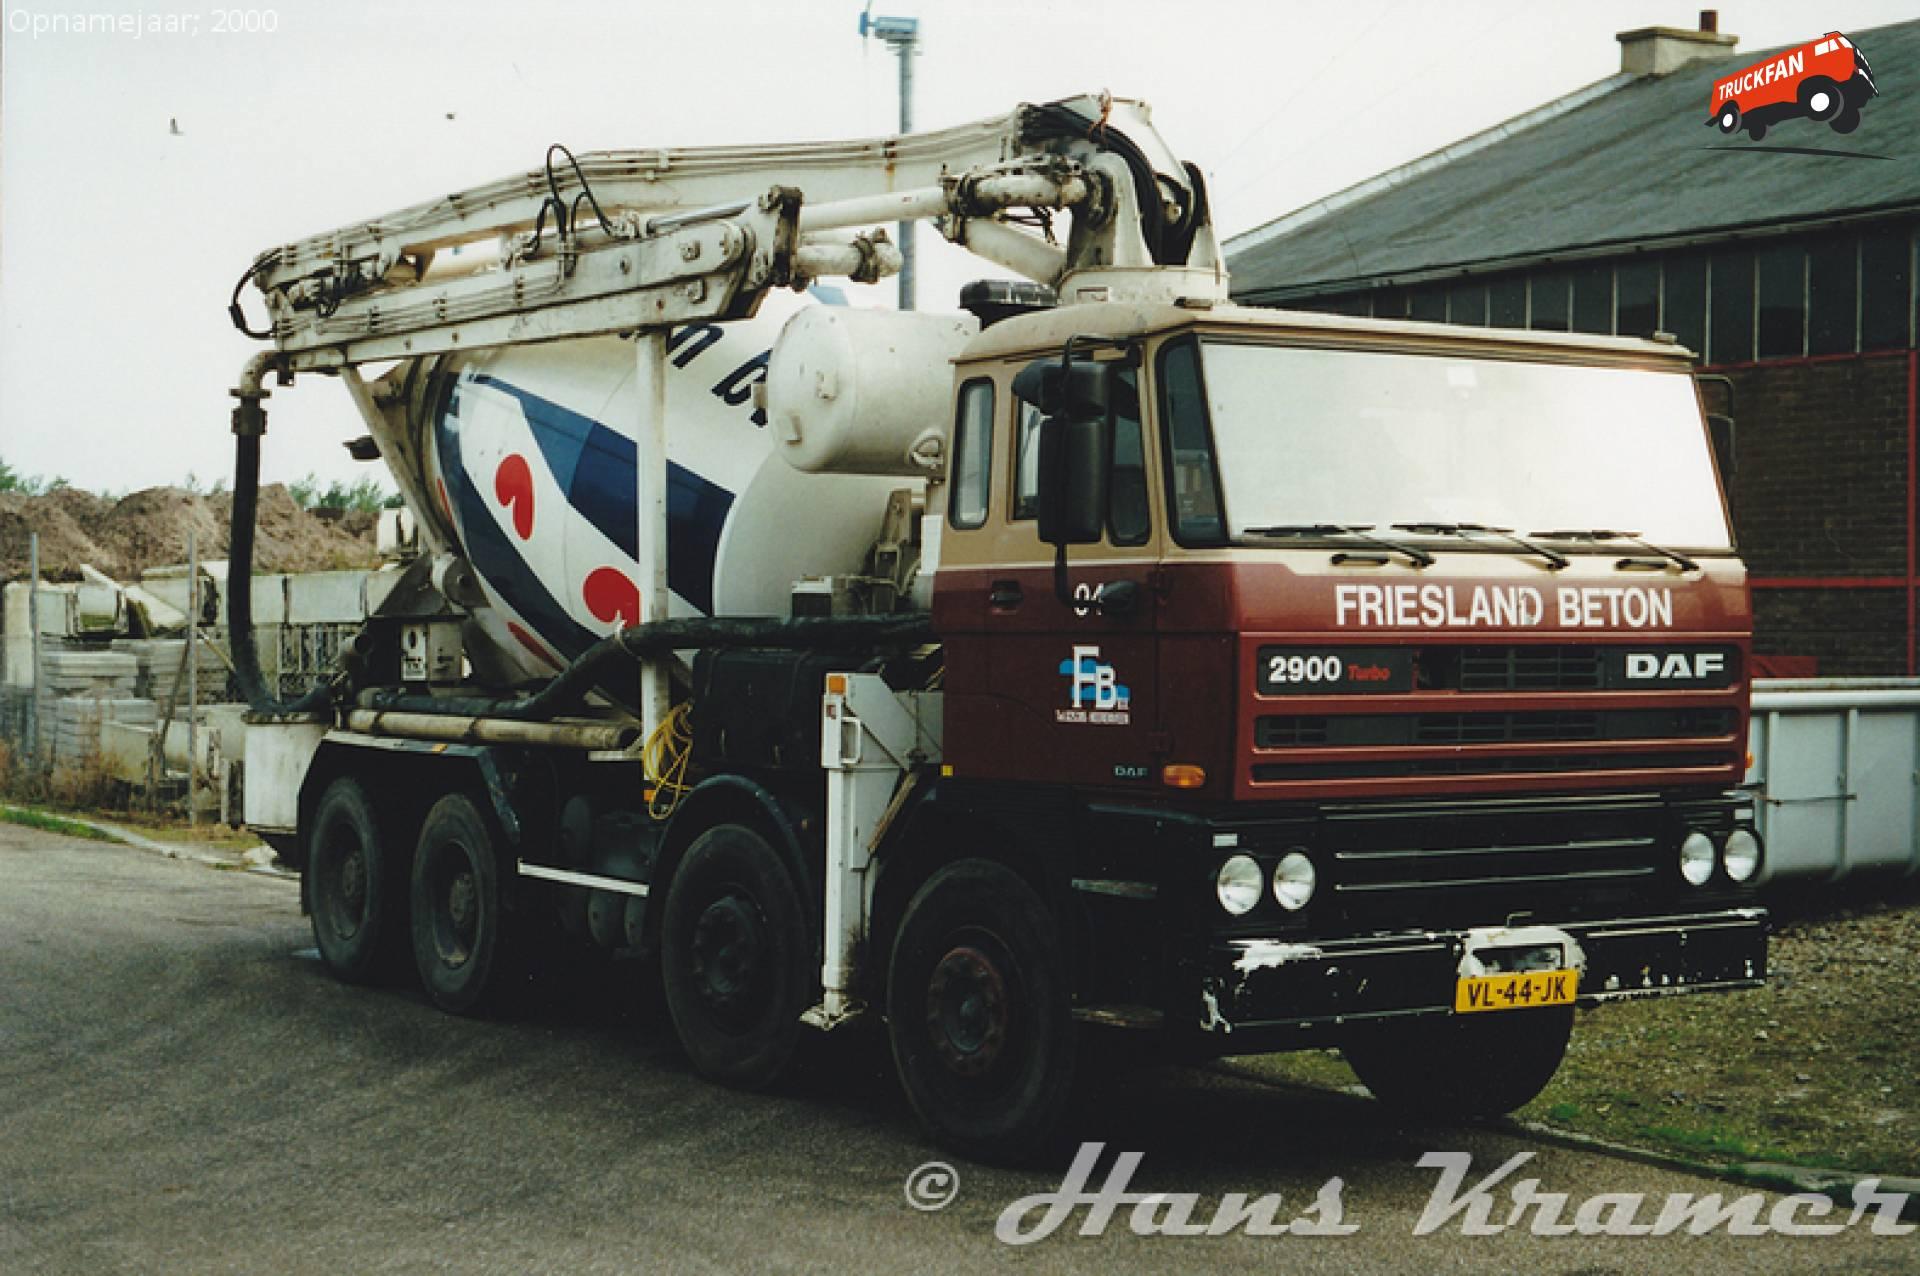 DAF 2900